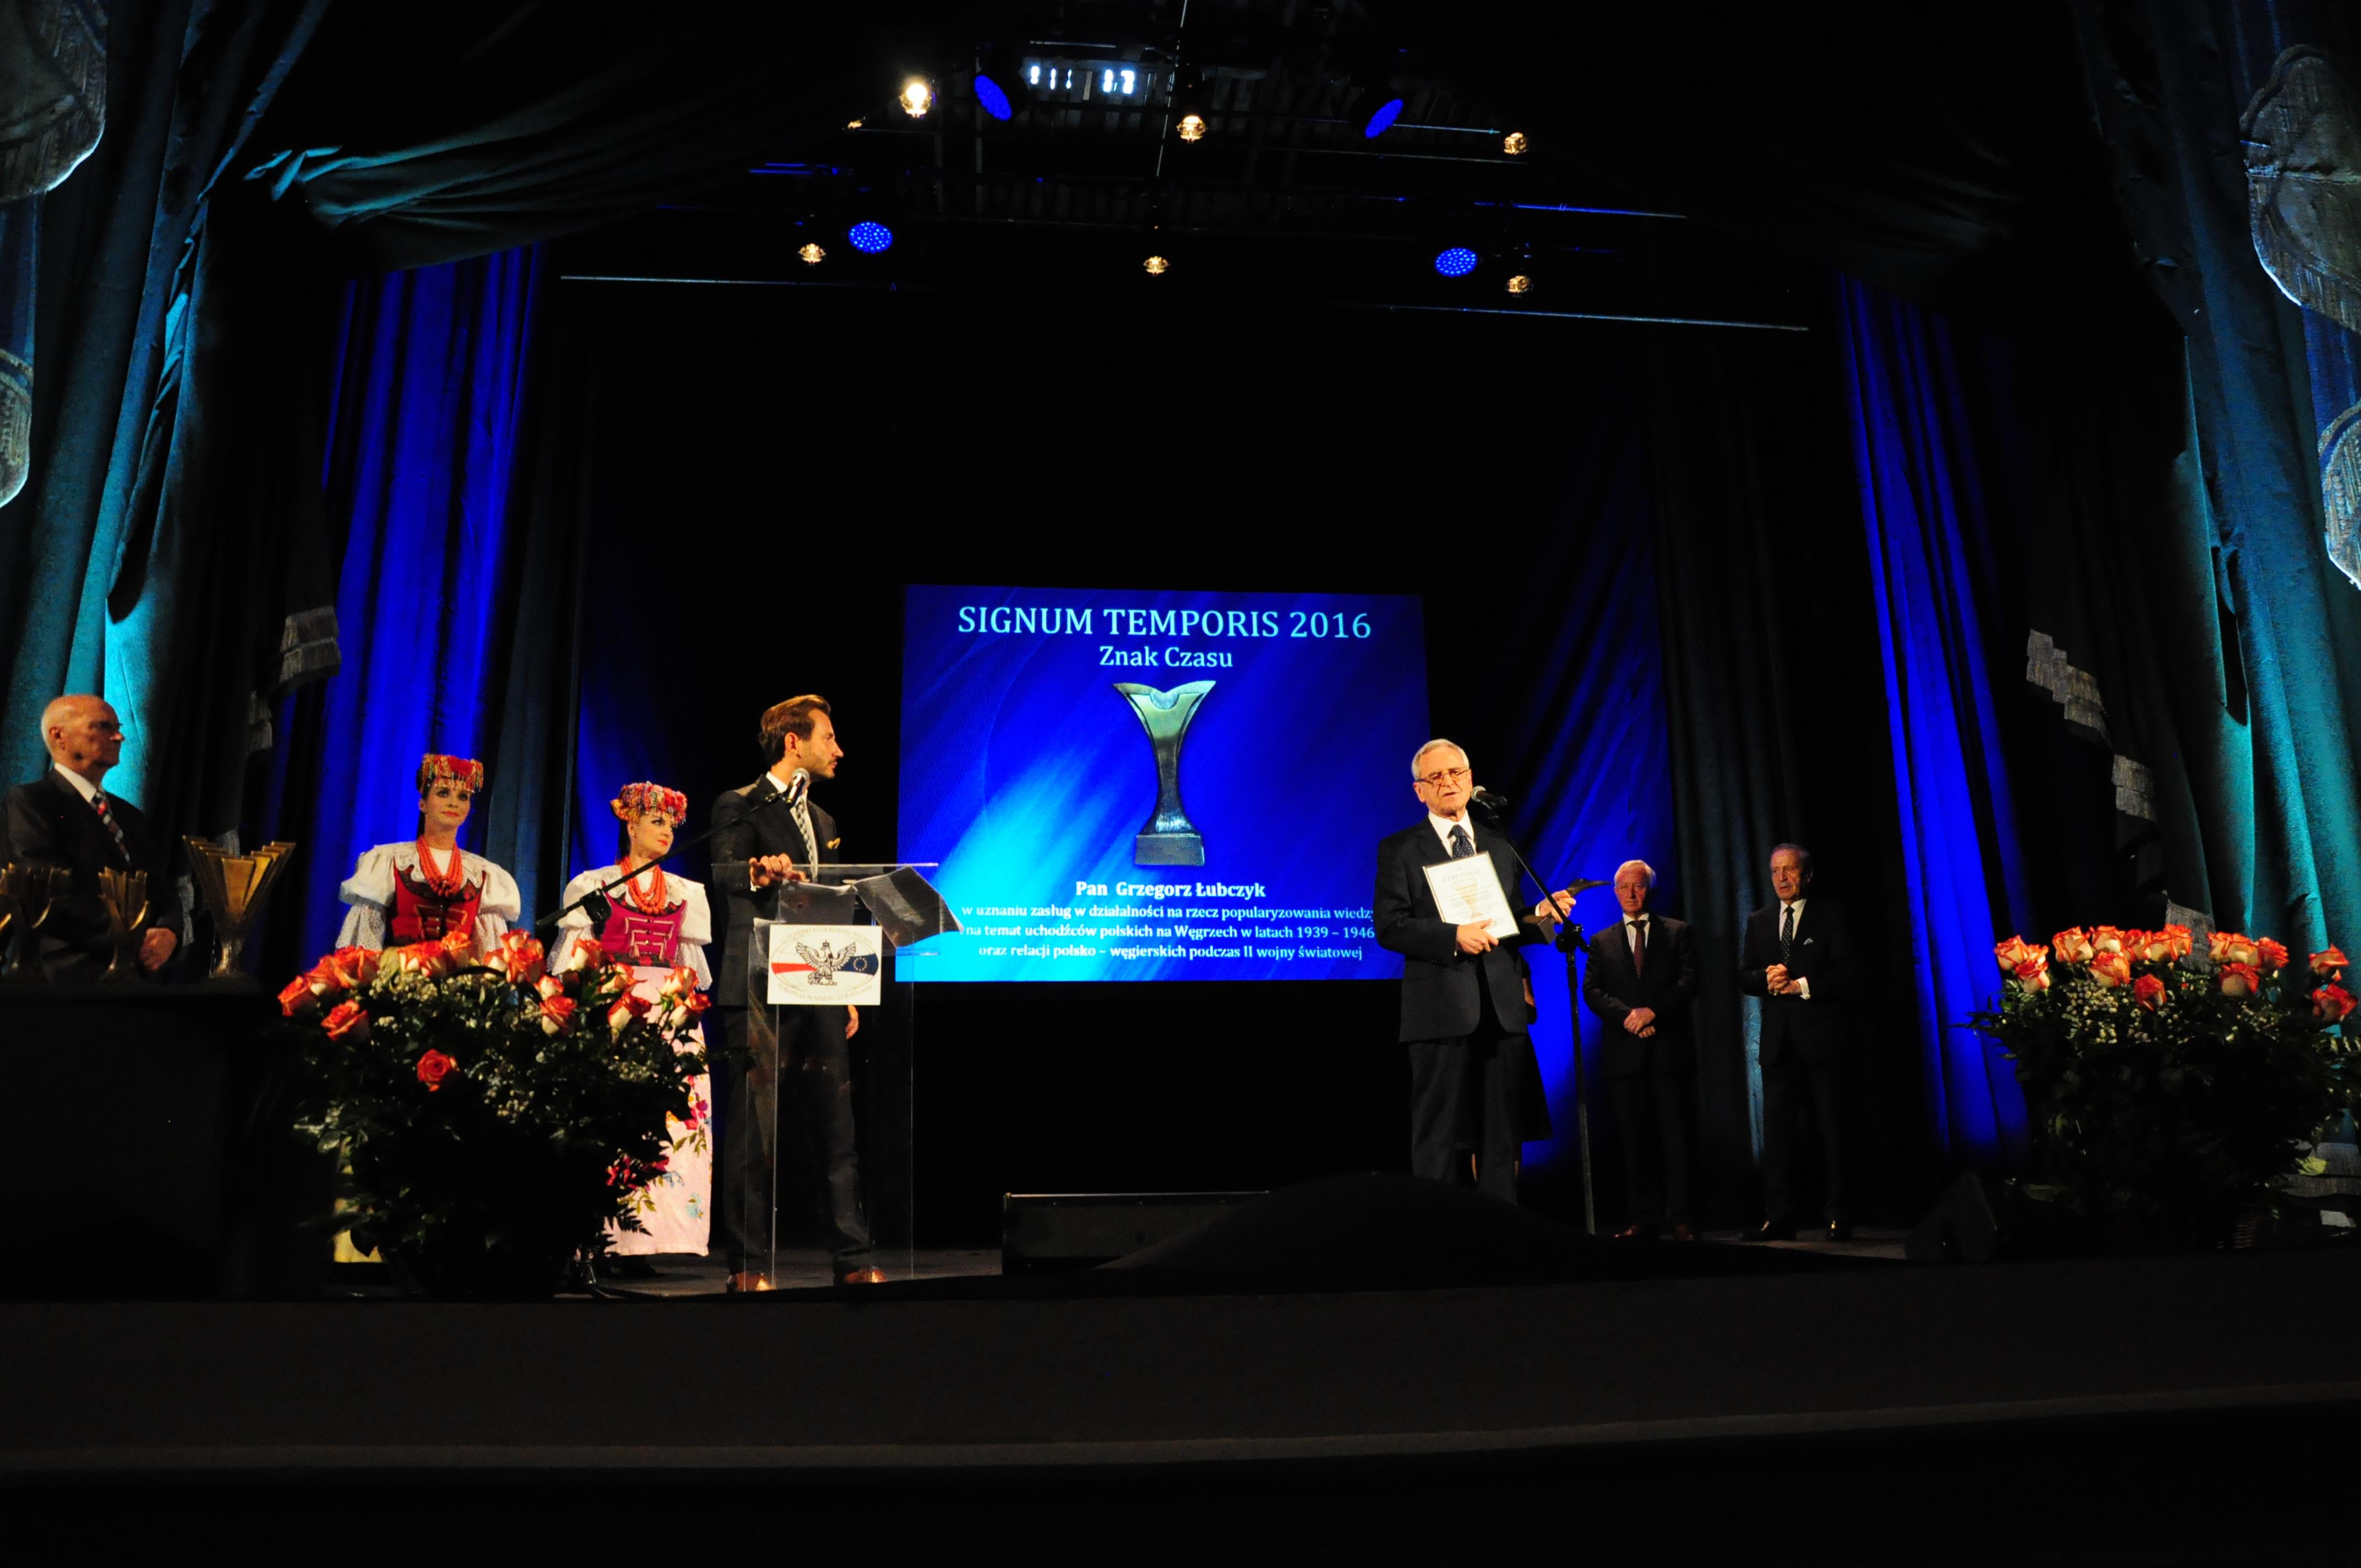 Pan Grzegorz Łubczyk odbiera nagrodę